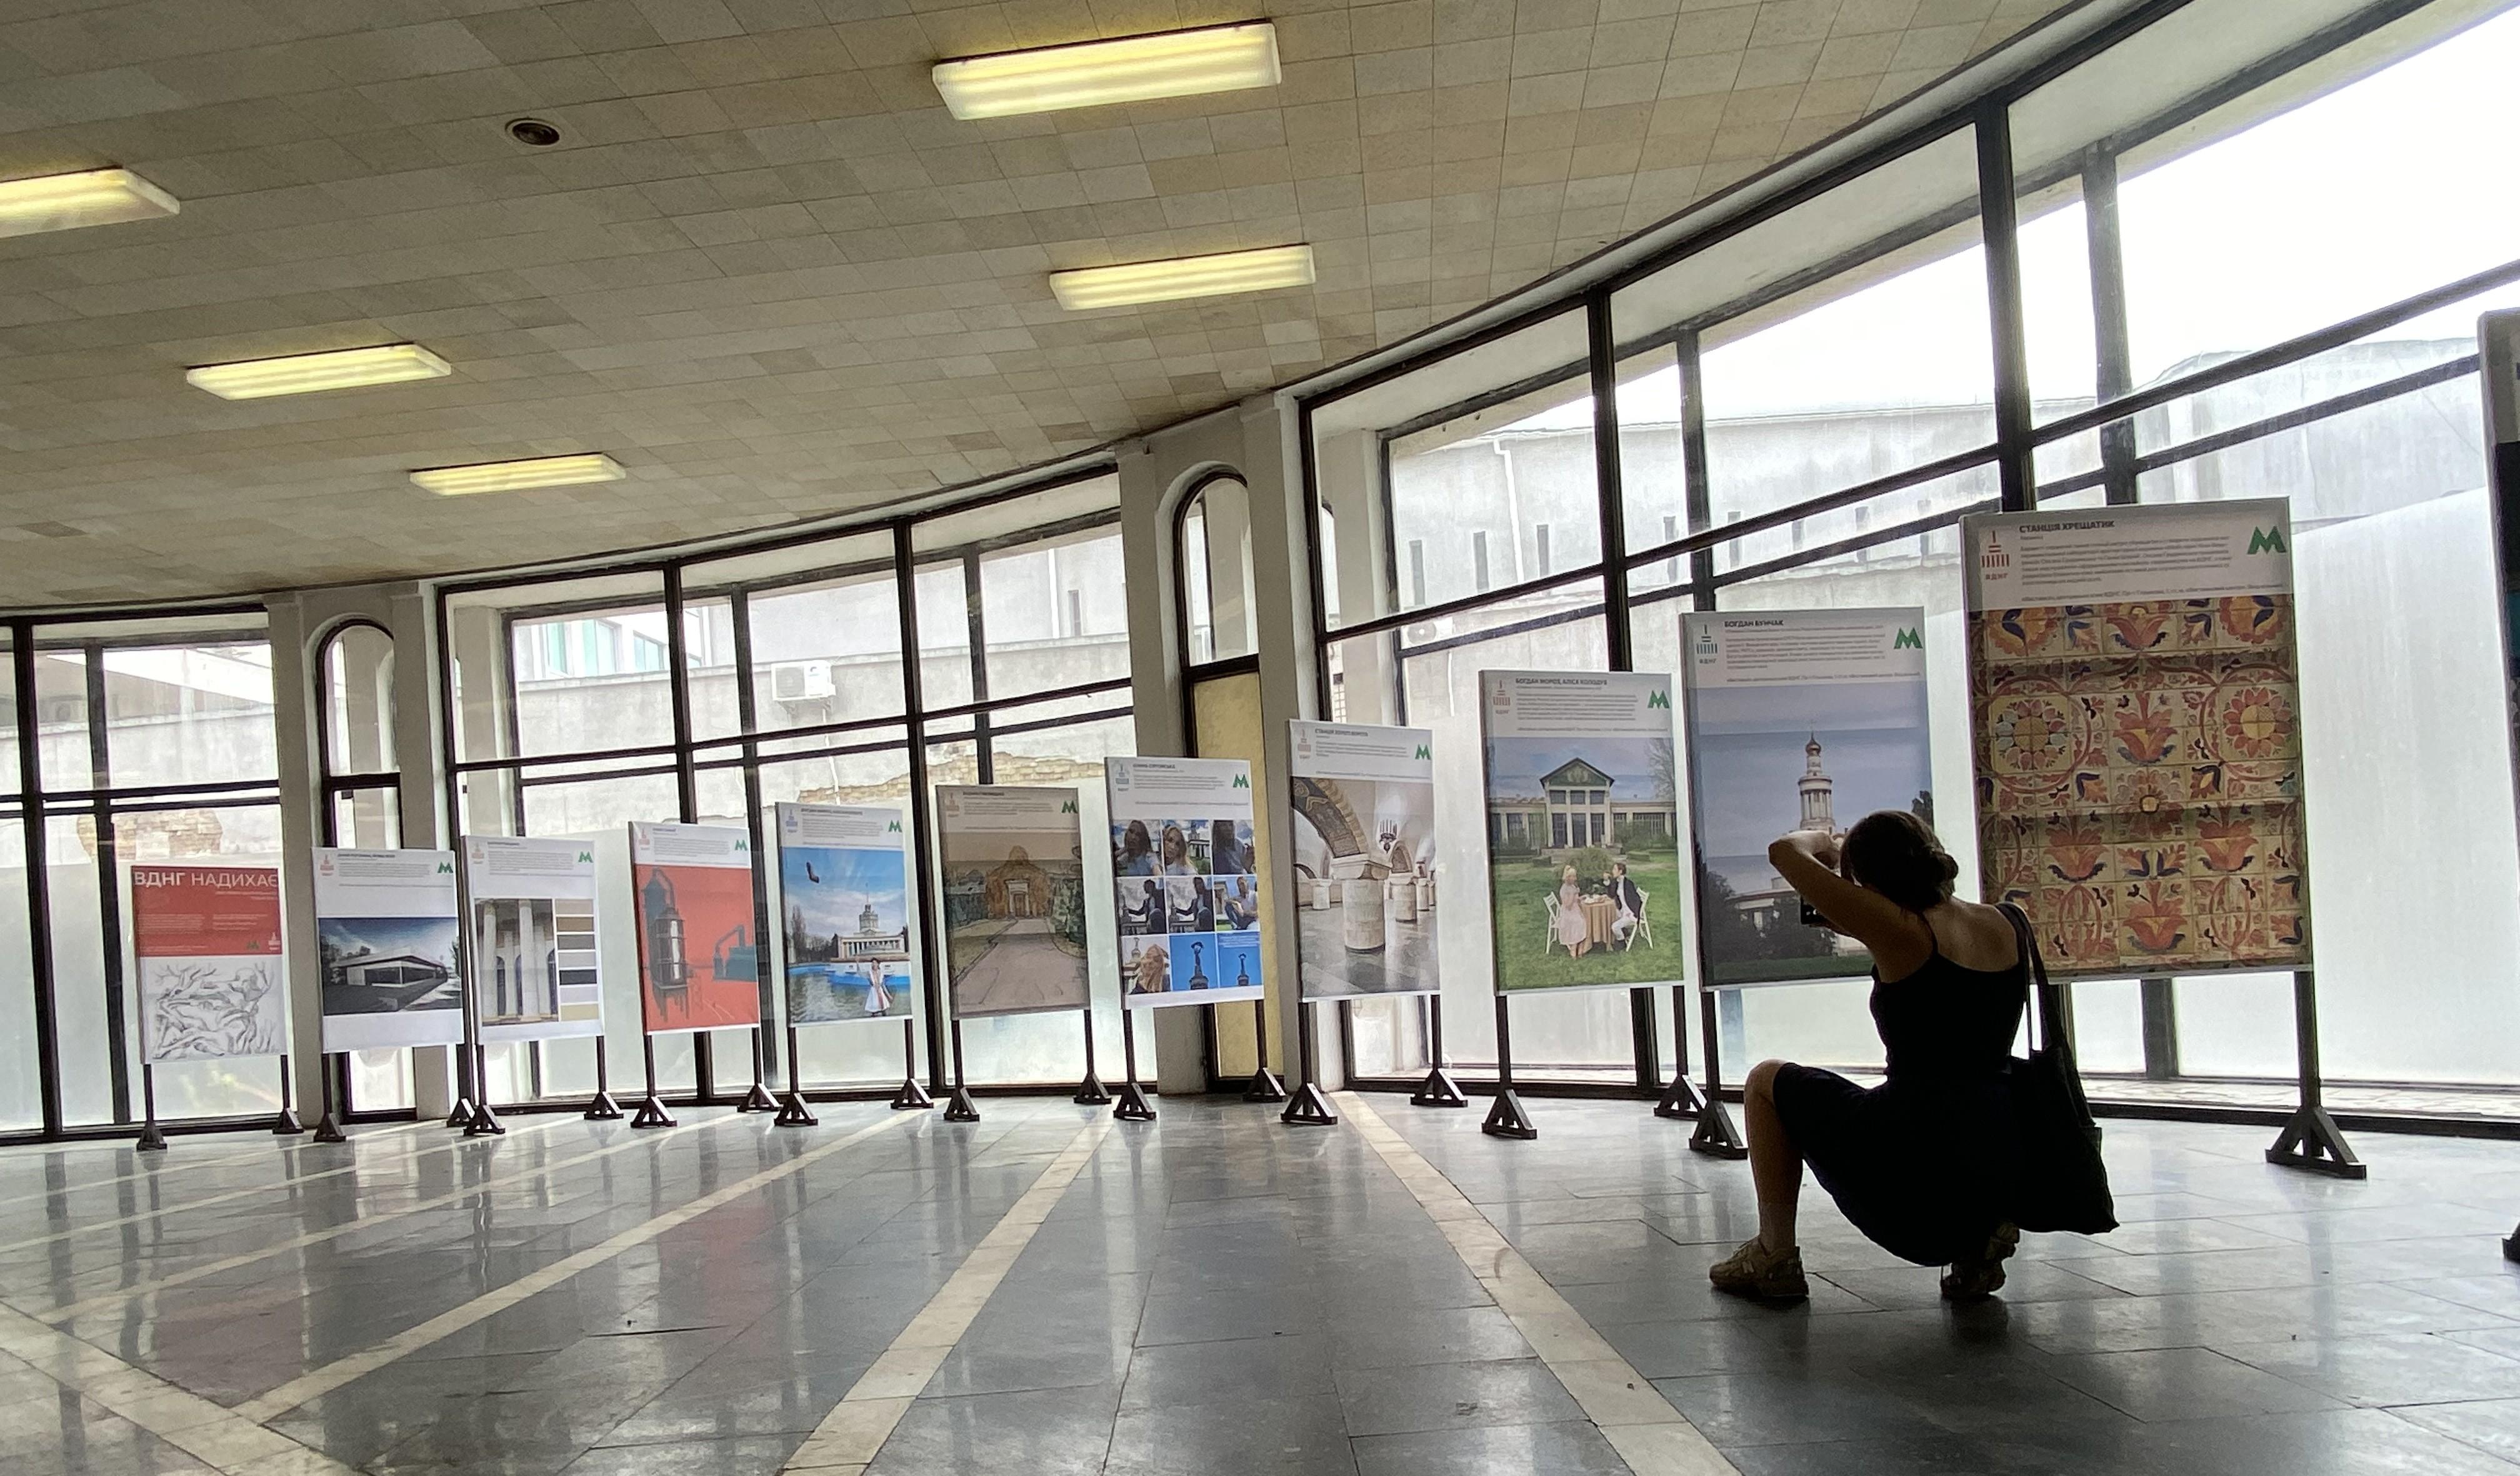 Сучасні художники переосмислили архітектуру міста